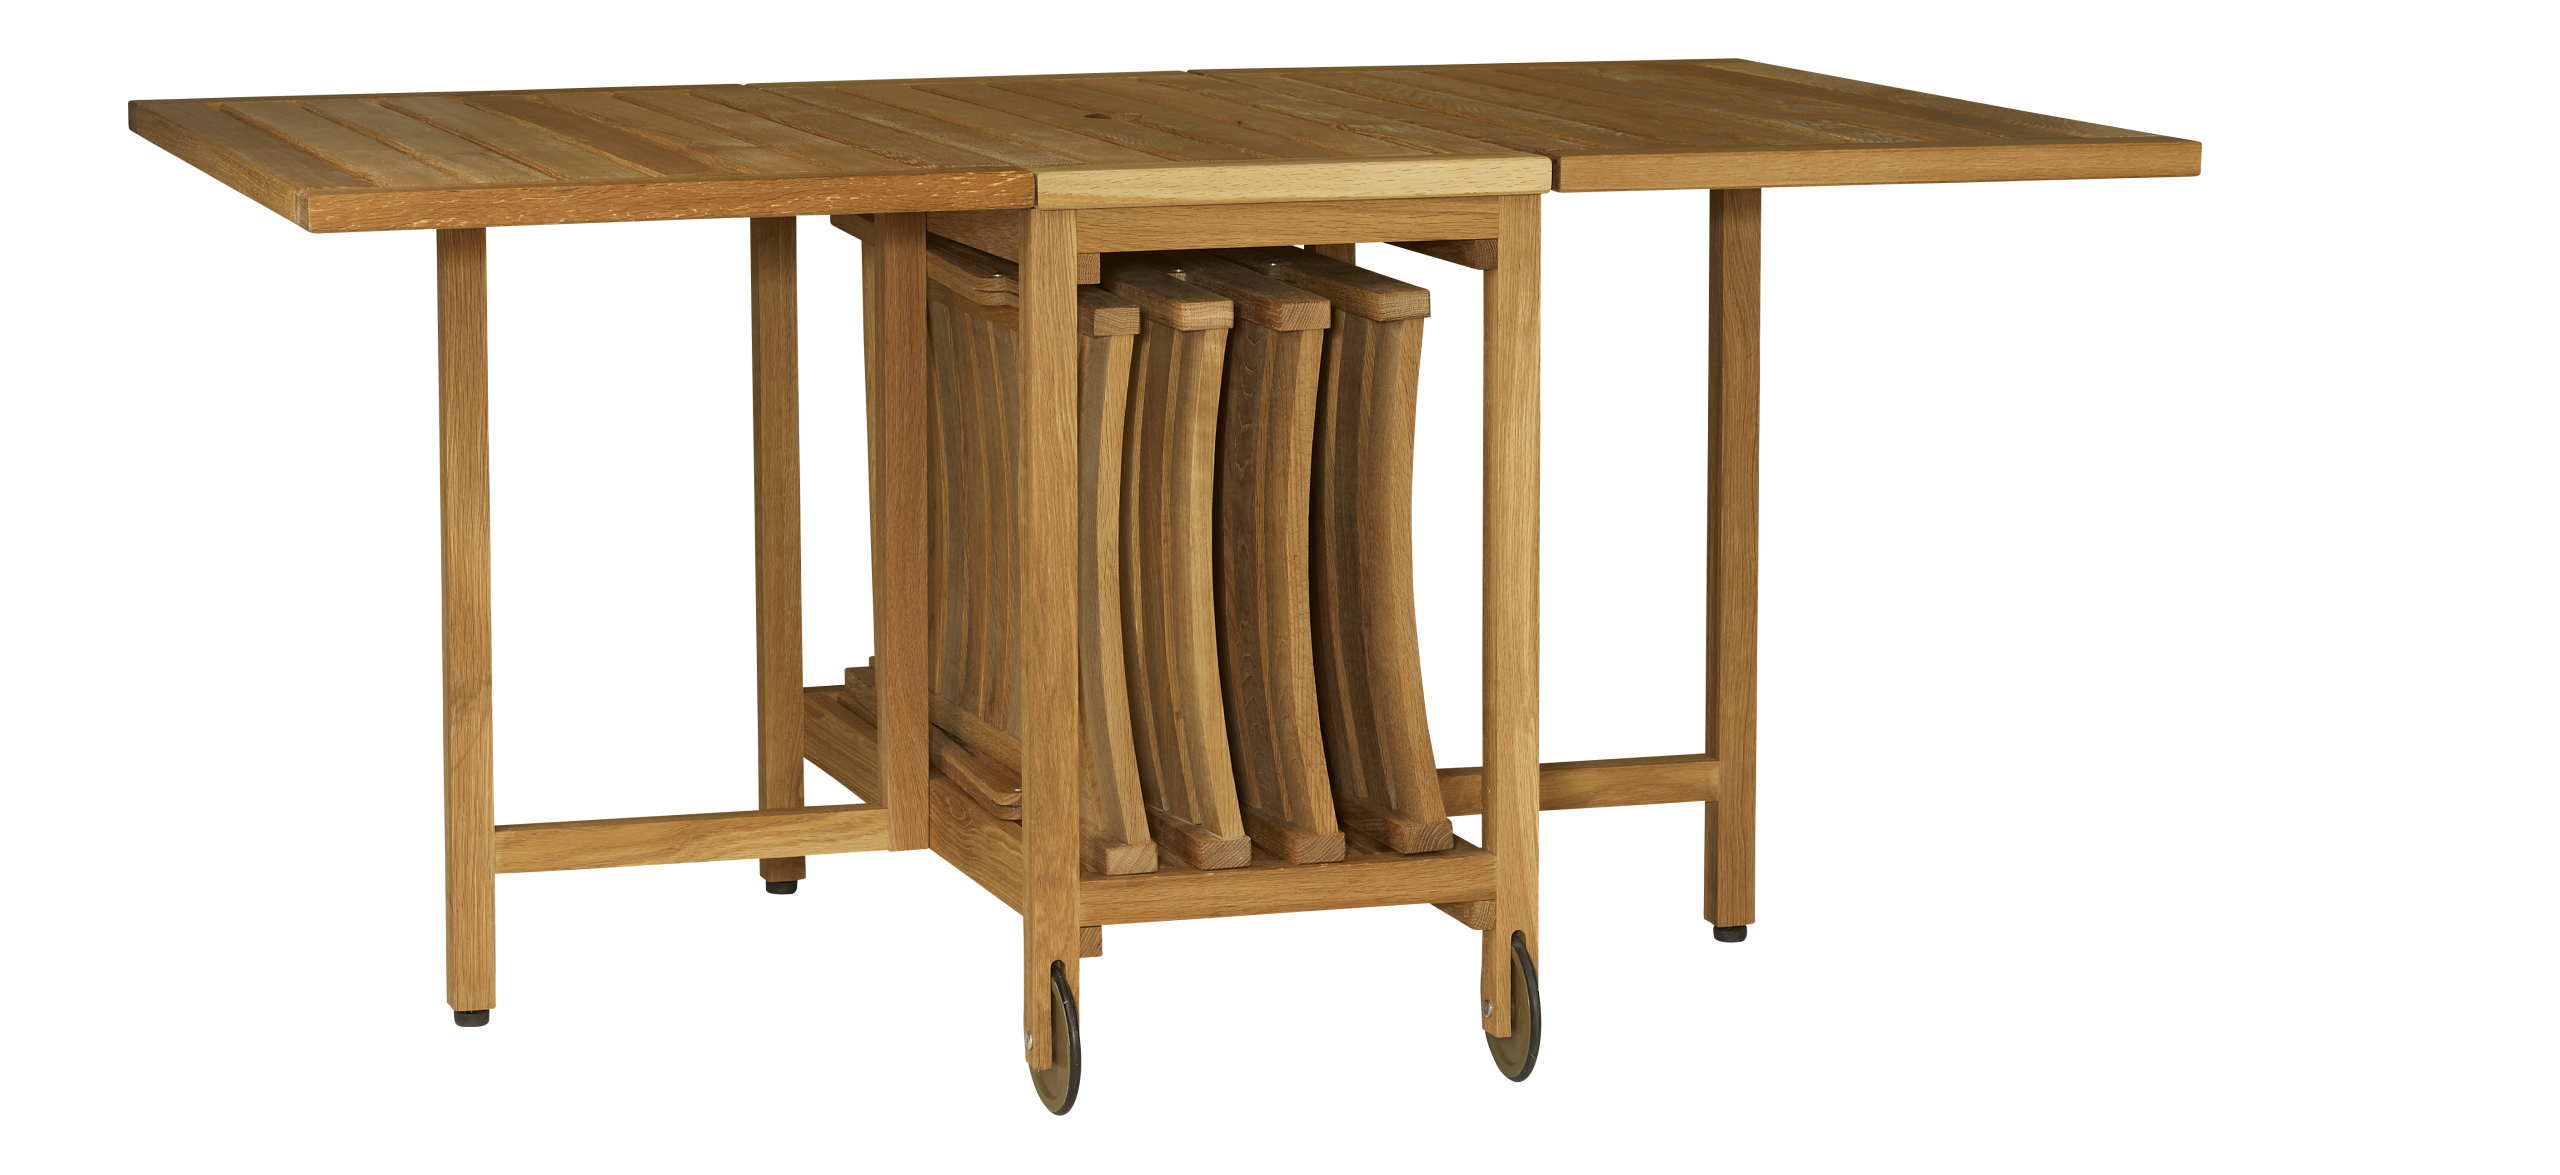 Zeno table pliante et 4 chaises en ch ne massif huil - Chaise pliante pas cher ikea ...